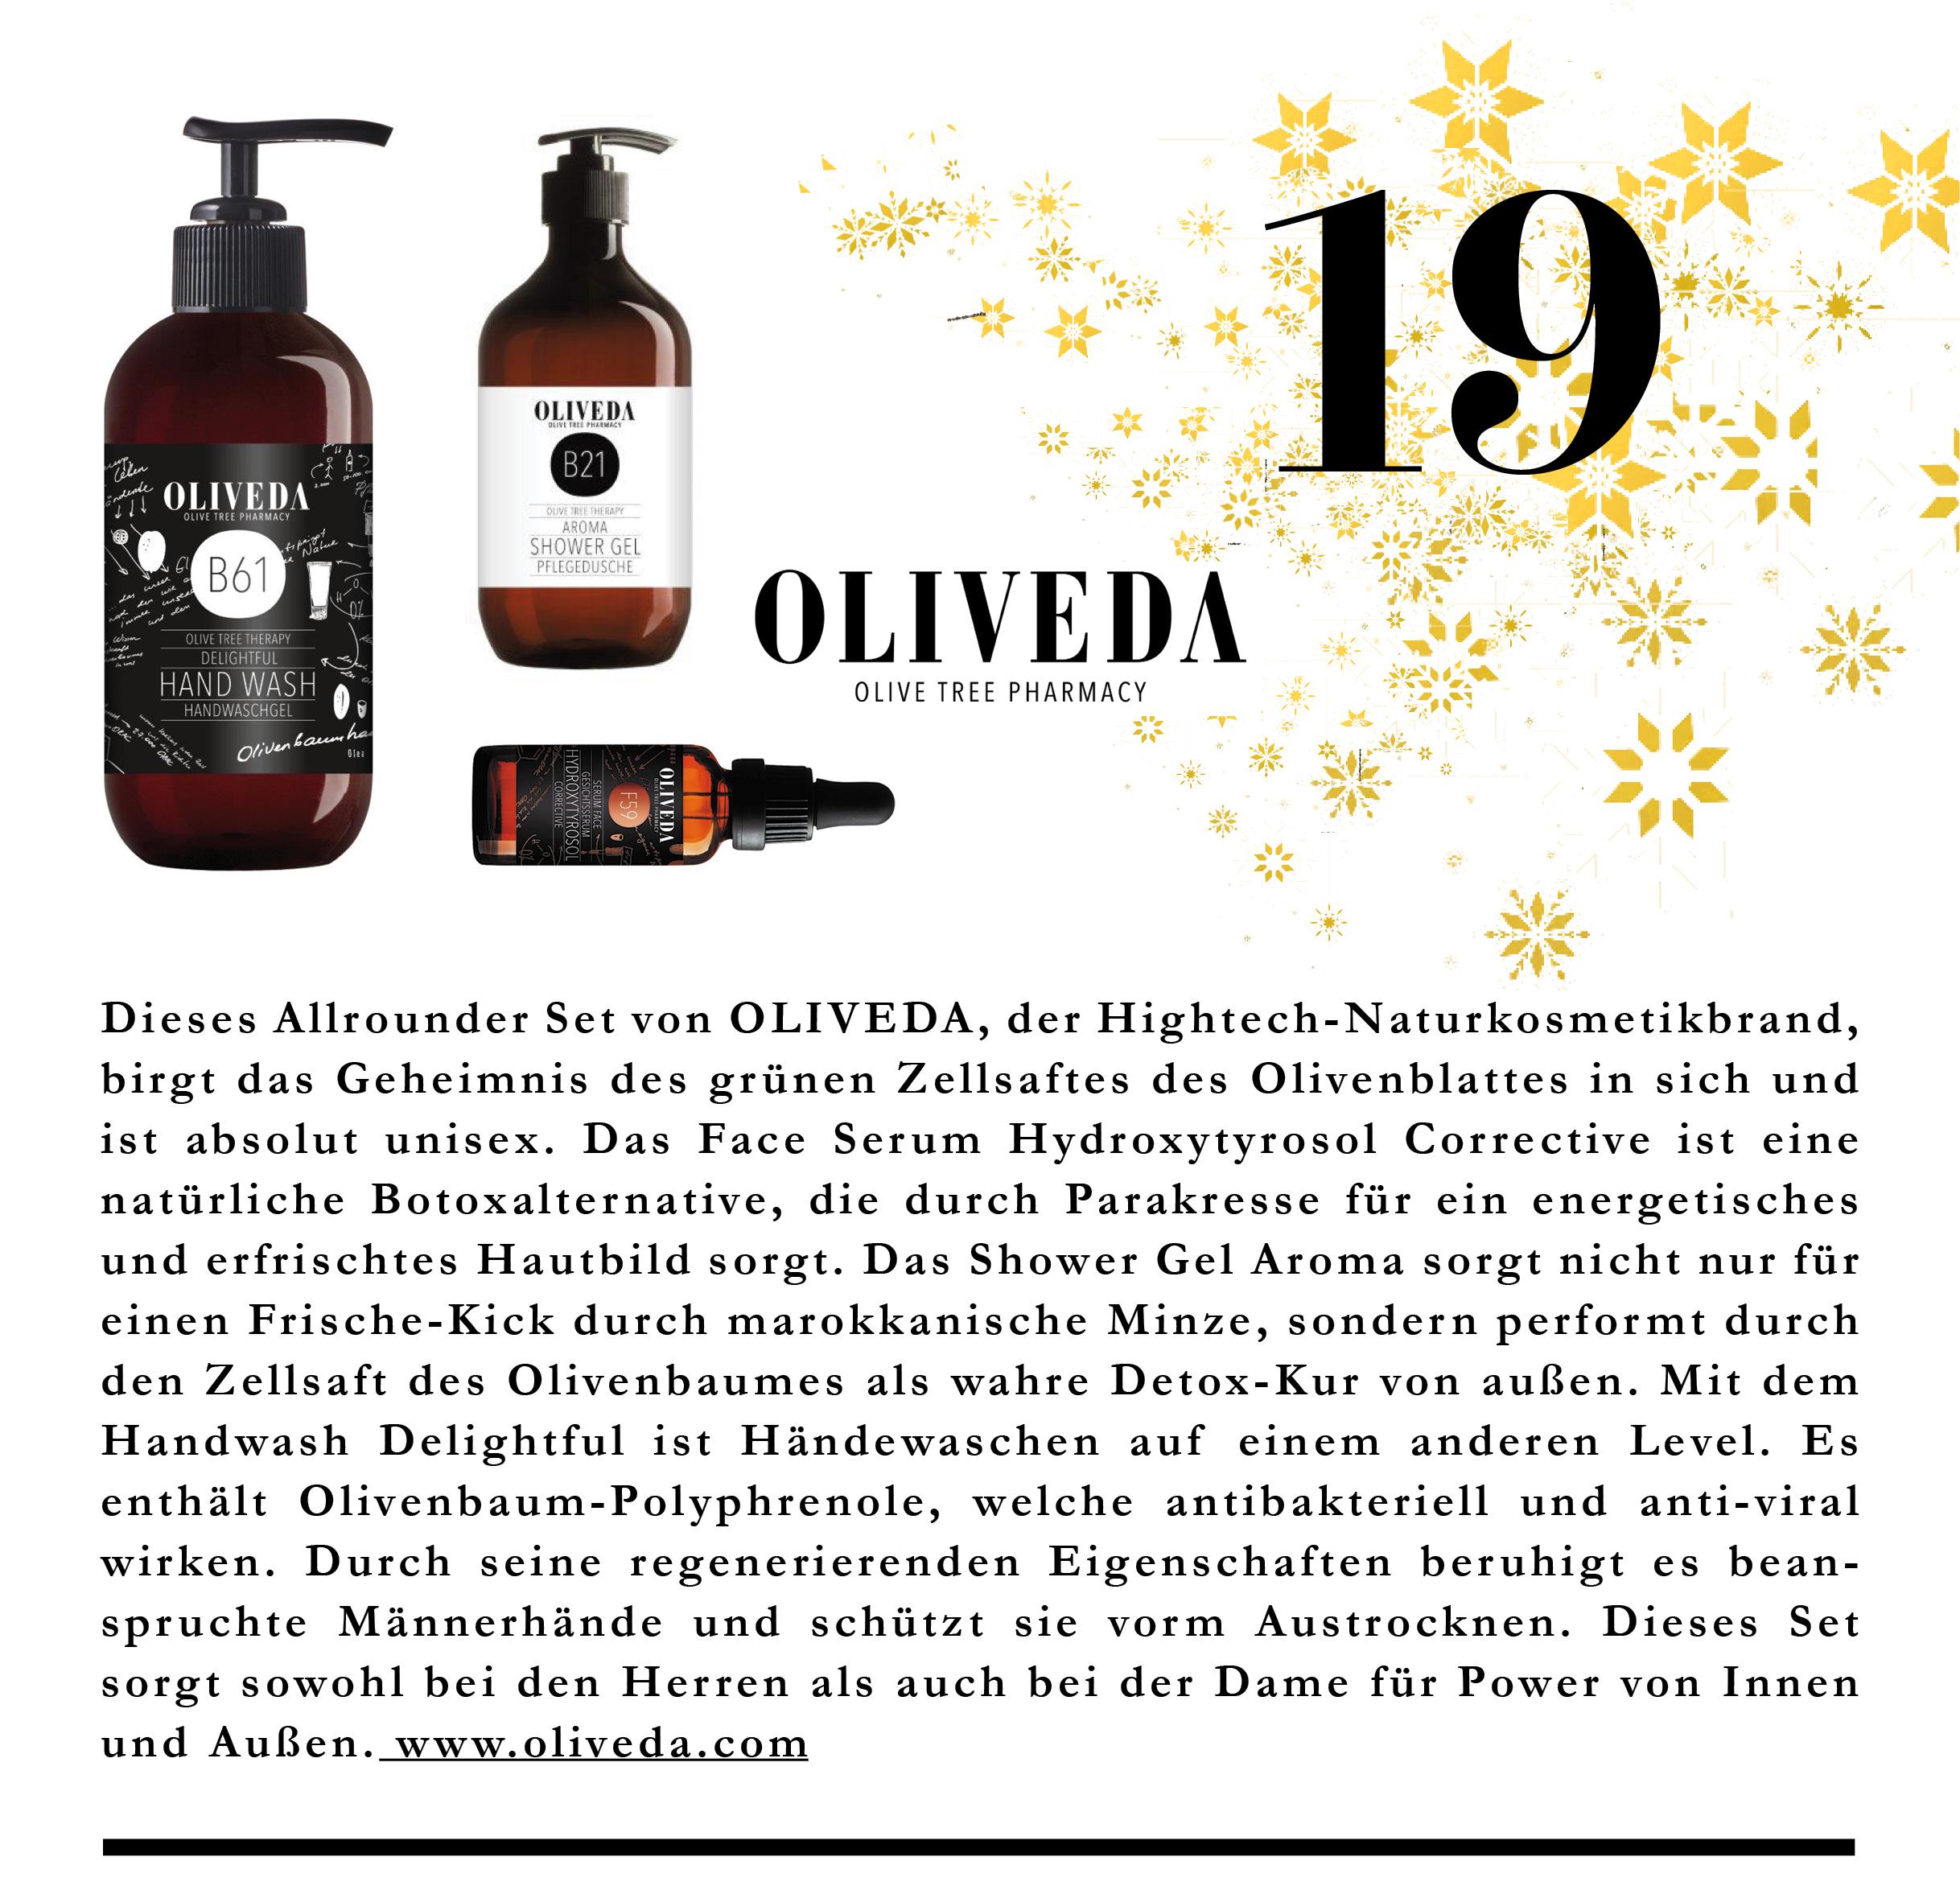 Die Hightech-Naturkosmetikbrand Oliveda ist Detox von Außen und Innen und total unisex.